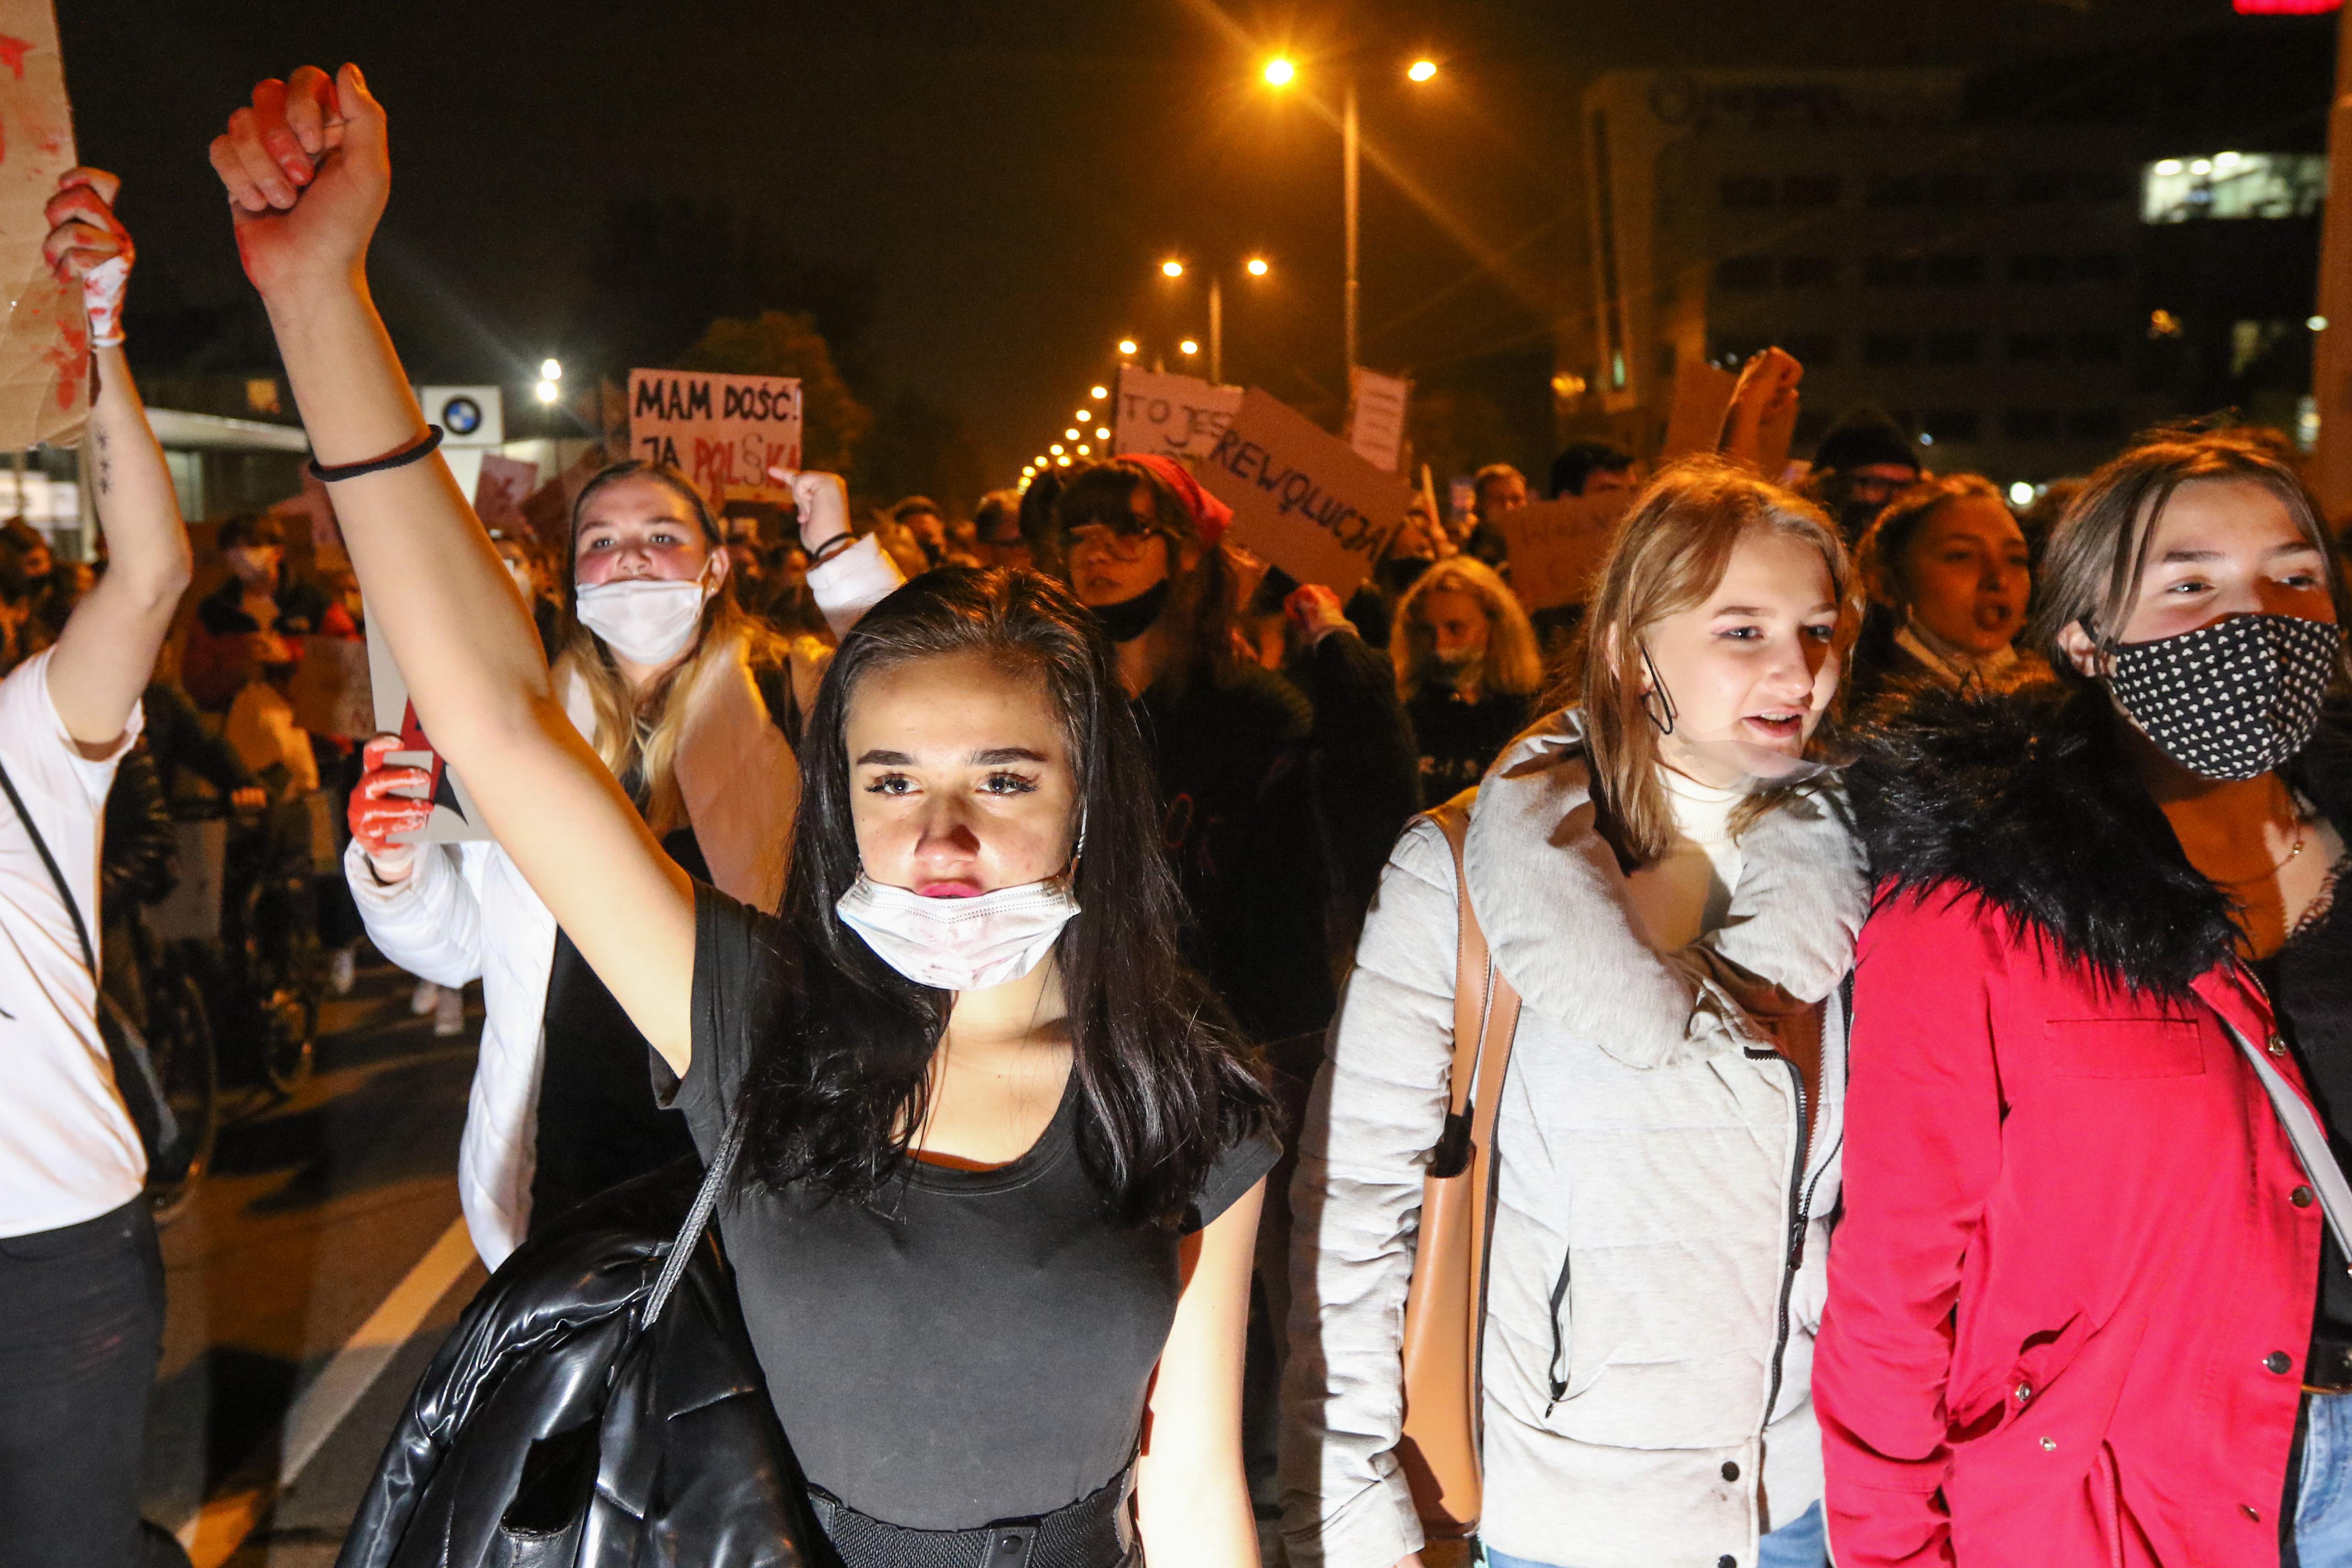 Még az előre lefoglalt időpontra abortuszra érkező nőket is elhajtják a lengyel klinkák